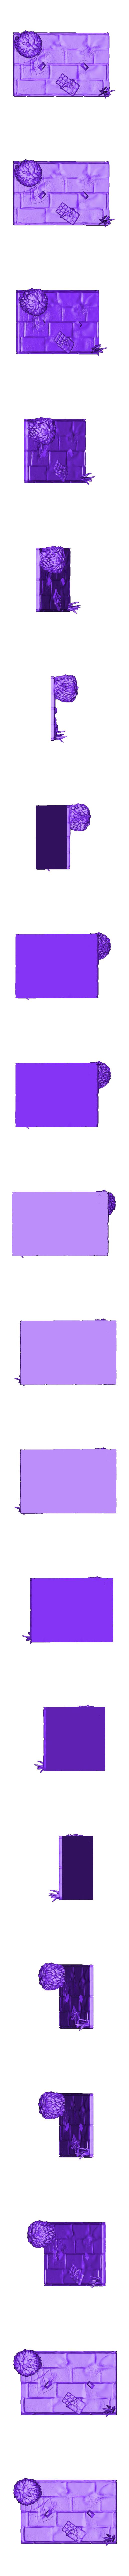 Fat_Buu_-_Base.stl Télécharger fichier STL gratuit Fat Buu - Dragon Ball • Plan imprimable en 3D, BODY3D